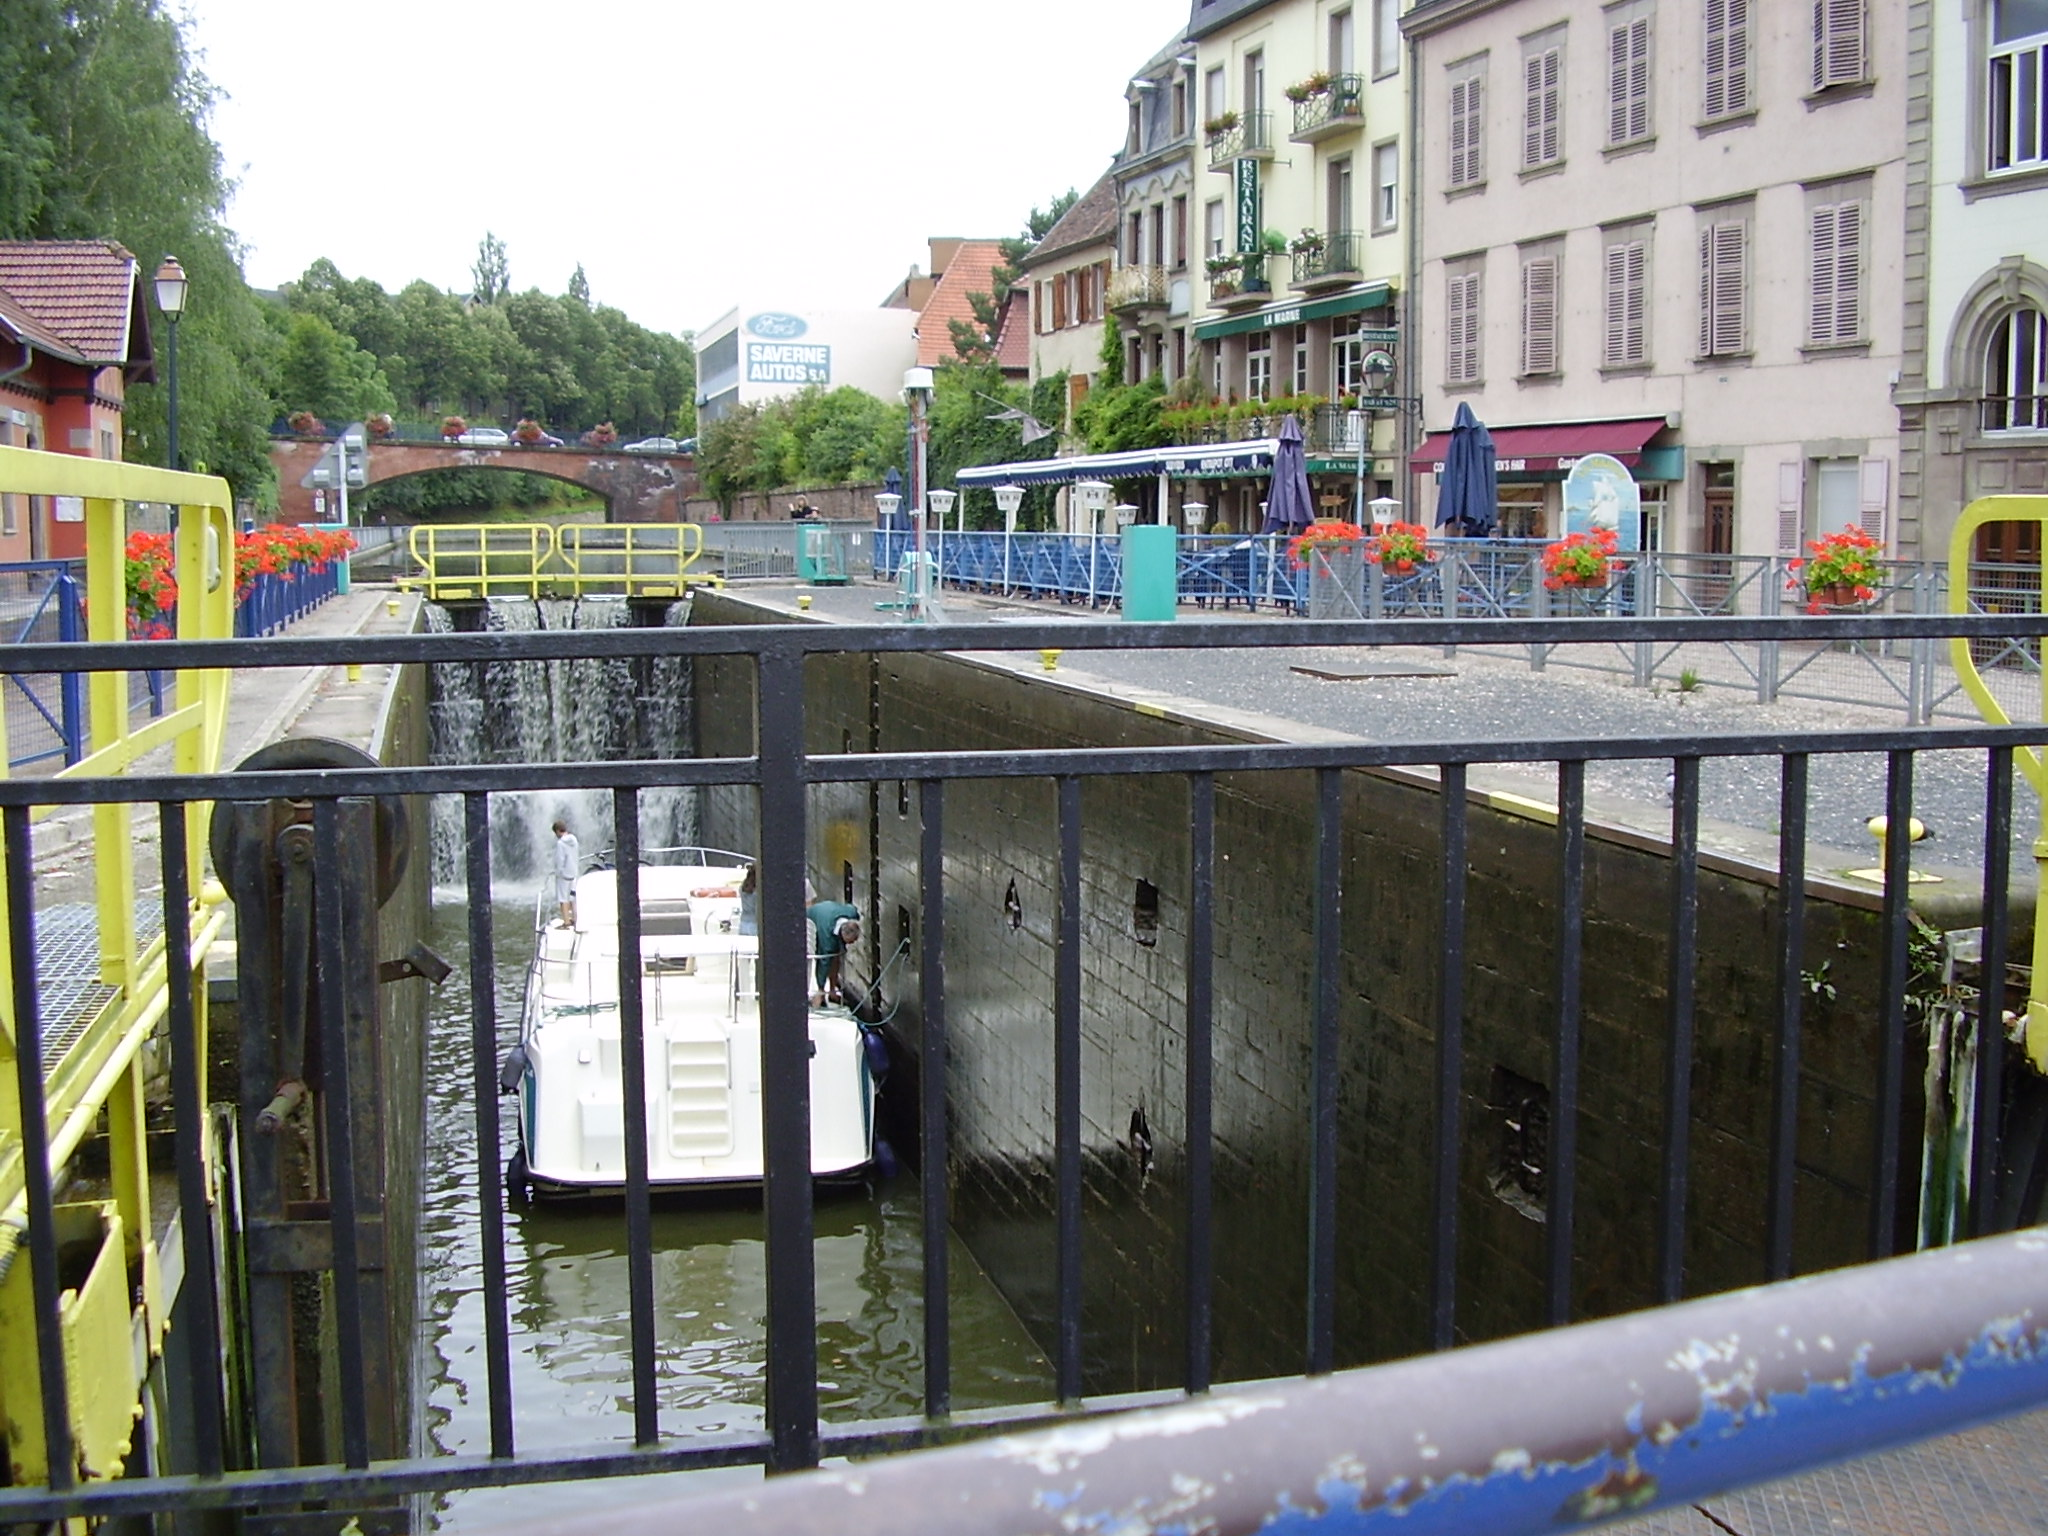 La ville de saverne a la d couverte des r gions en scooter for Piscine de saverne